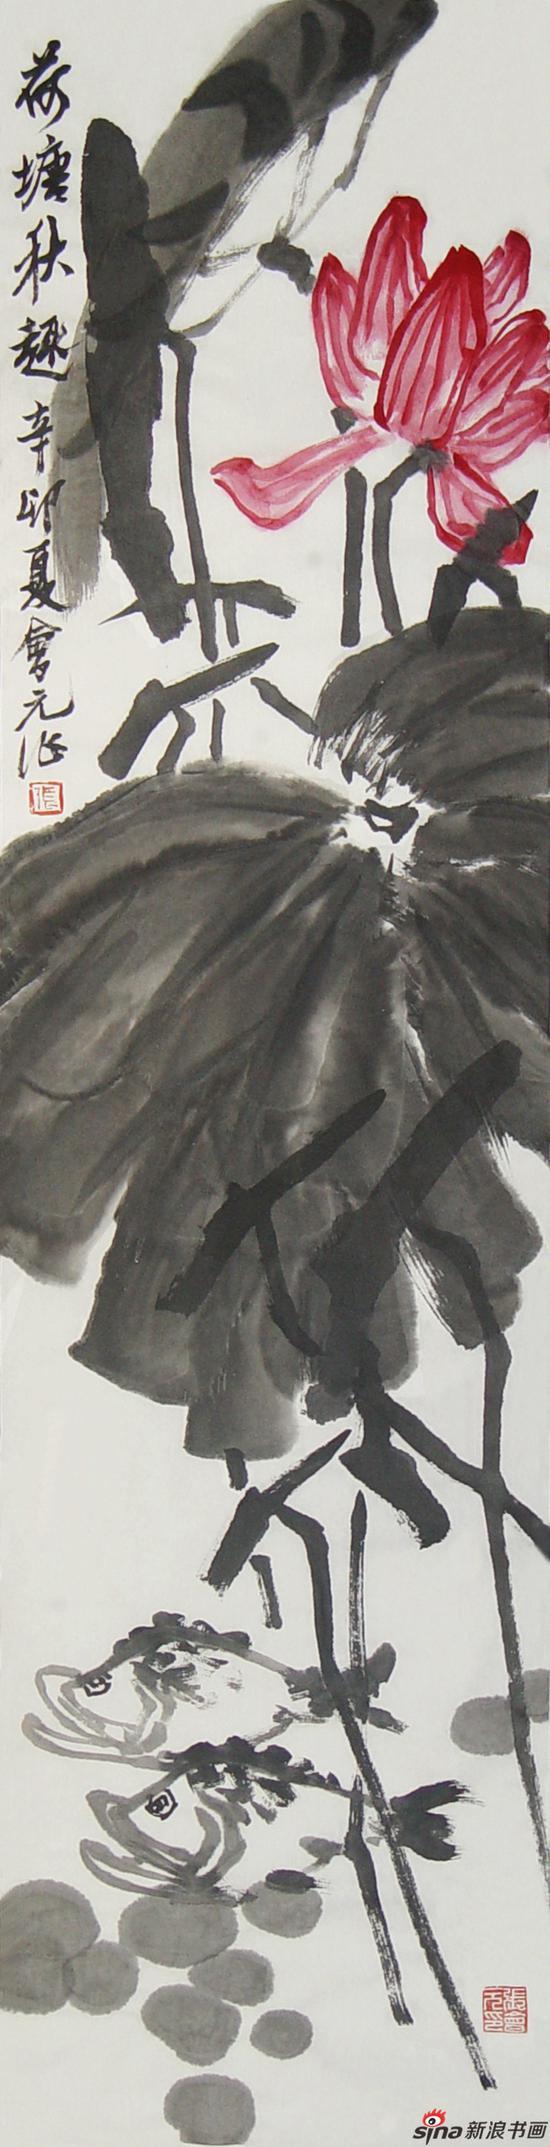 张会元作品《荷塘秋趣》 136cmX34cm 2011年